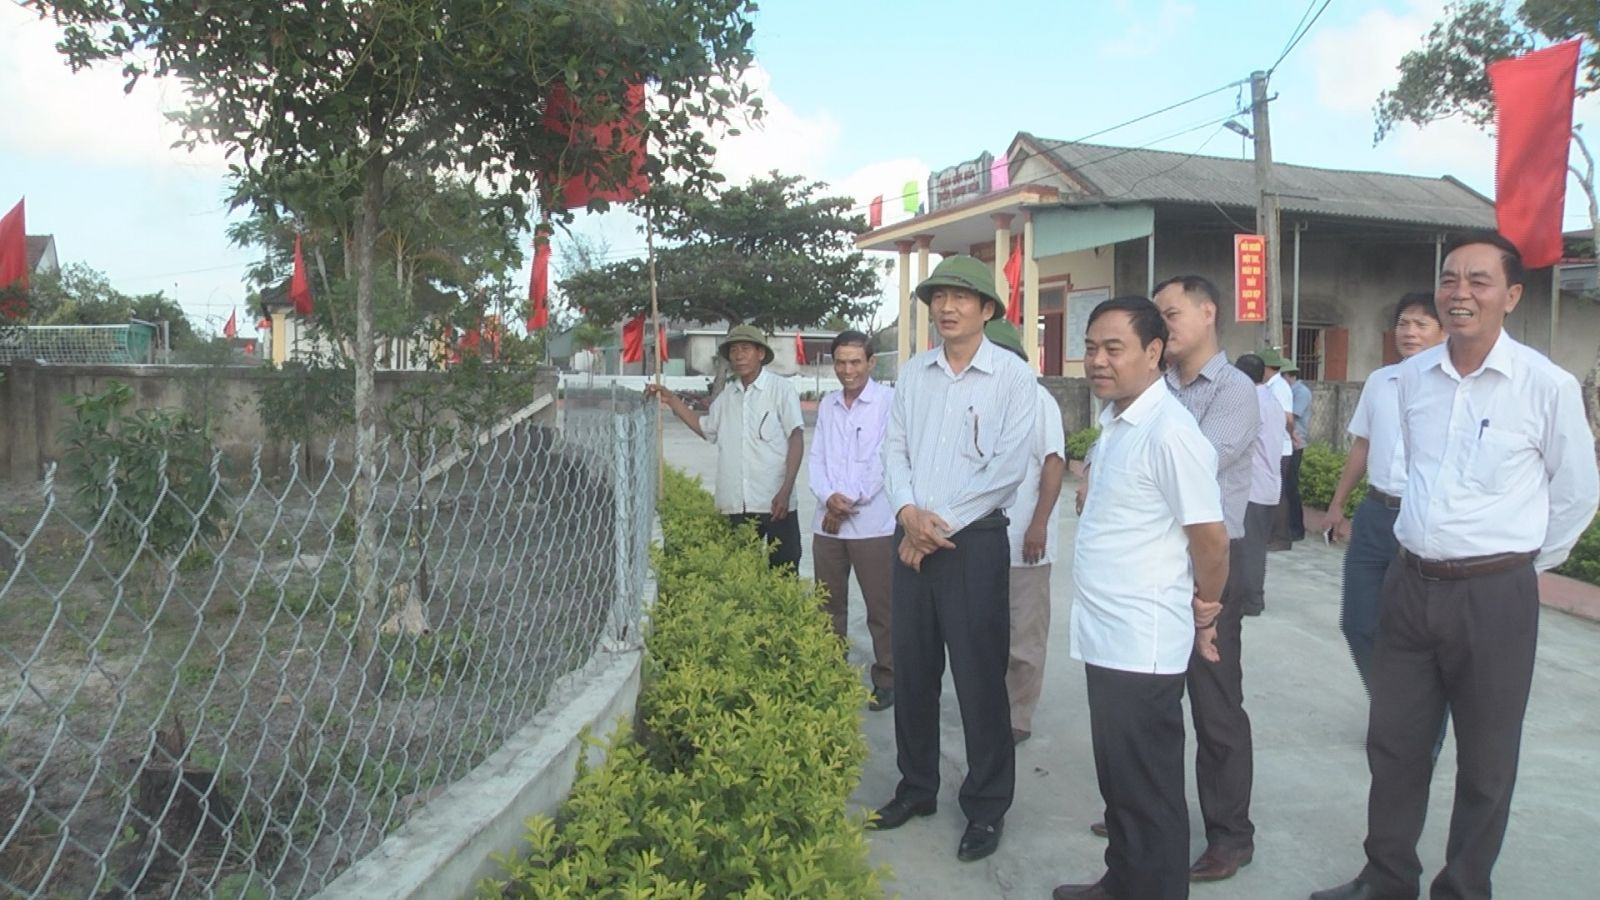 Phó chủ tịch UBND tỉnh Đặng Ngọc Sơn kiểm tra tiến độ NTM tại huyện Cẩm Xuyên